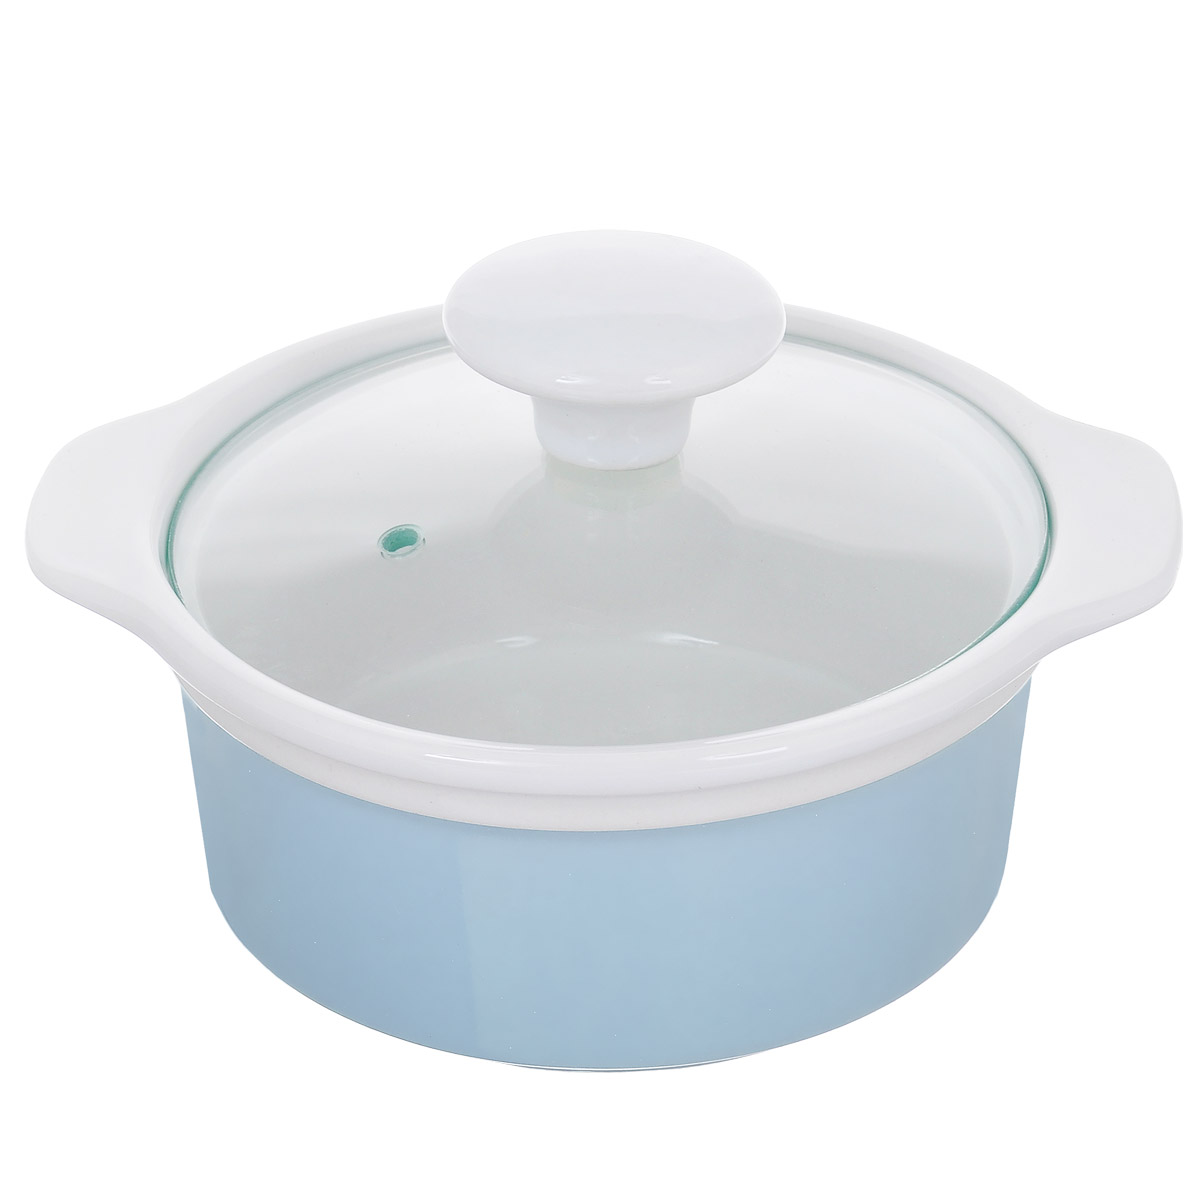 Кастрюля с крышкой, цвет: голубой, 0,6 л. Кт CX002SCX002S-BB (F)Кастрюля выполнена из высококачественной глазурованной керамики и предназначена для запекания различных блюд. Крышка кастрюли изготовлена из стекла с керамической ручкой и отверстием для пара. Можно мыть в посудомоечной машине и использовать в духовом шкафу. Не пригодна для использования на газовой плите. Это идеальный подарок для современных хозяек, которые следят за своим здоровьем и здоровьем своей семьи. Эргономичный дизайн и функциональность позволят вам наслаждаться процессом приготовления любимых, полезных для здоровья блюд.Внутренний диаметр: 12 см.Ширина (с учетом ручек) 17,5 см.Высота стенки: 6,7 см.